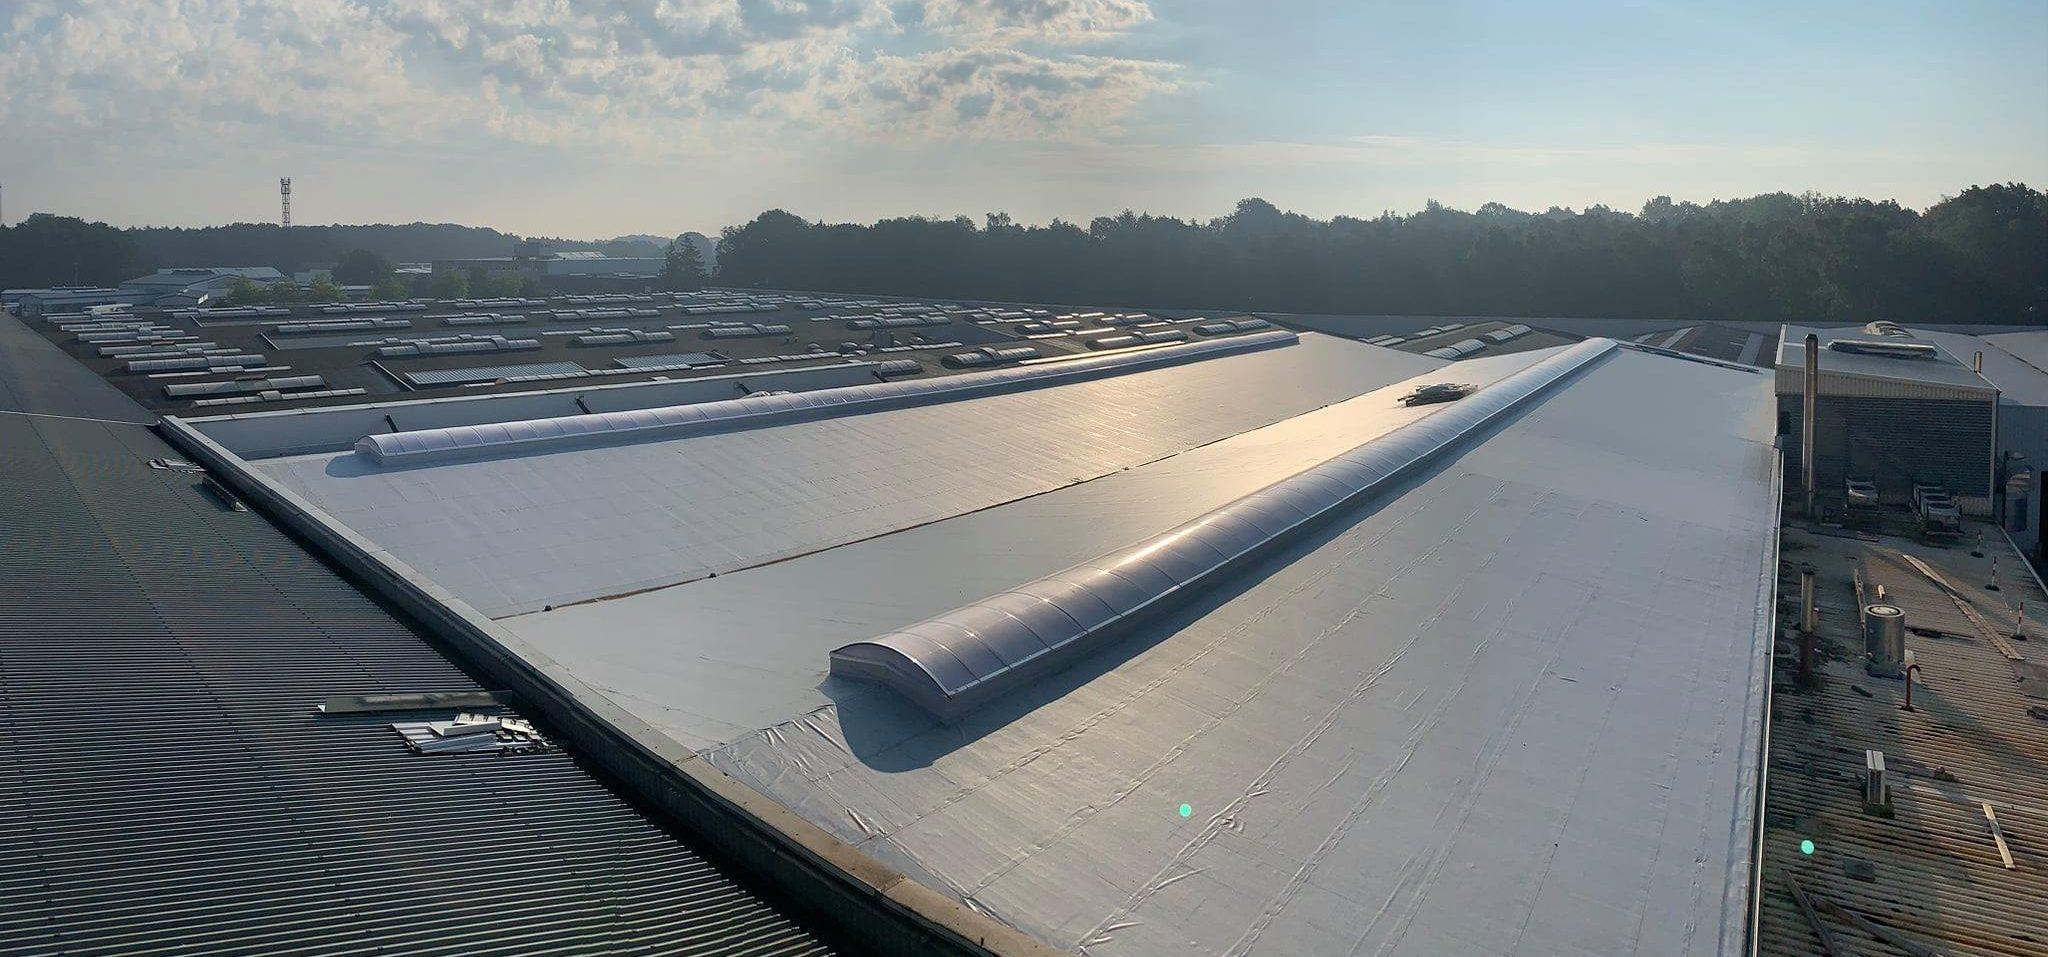 Dachsanierung 4600m²